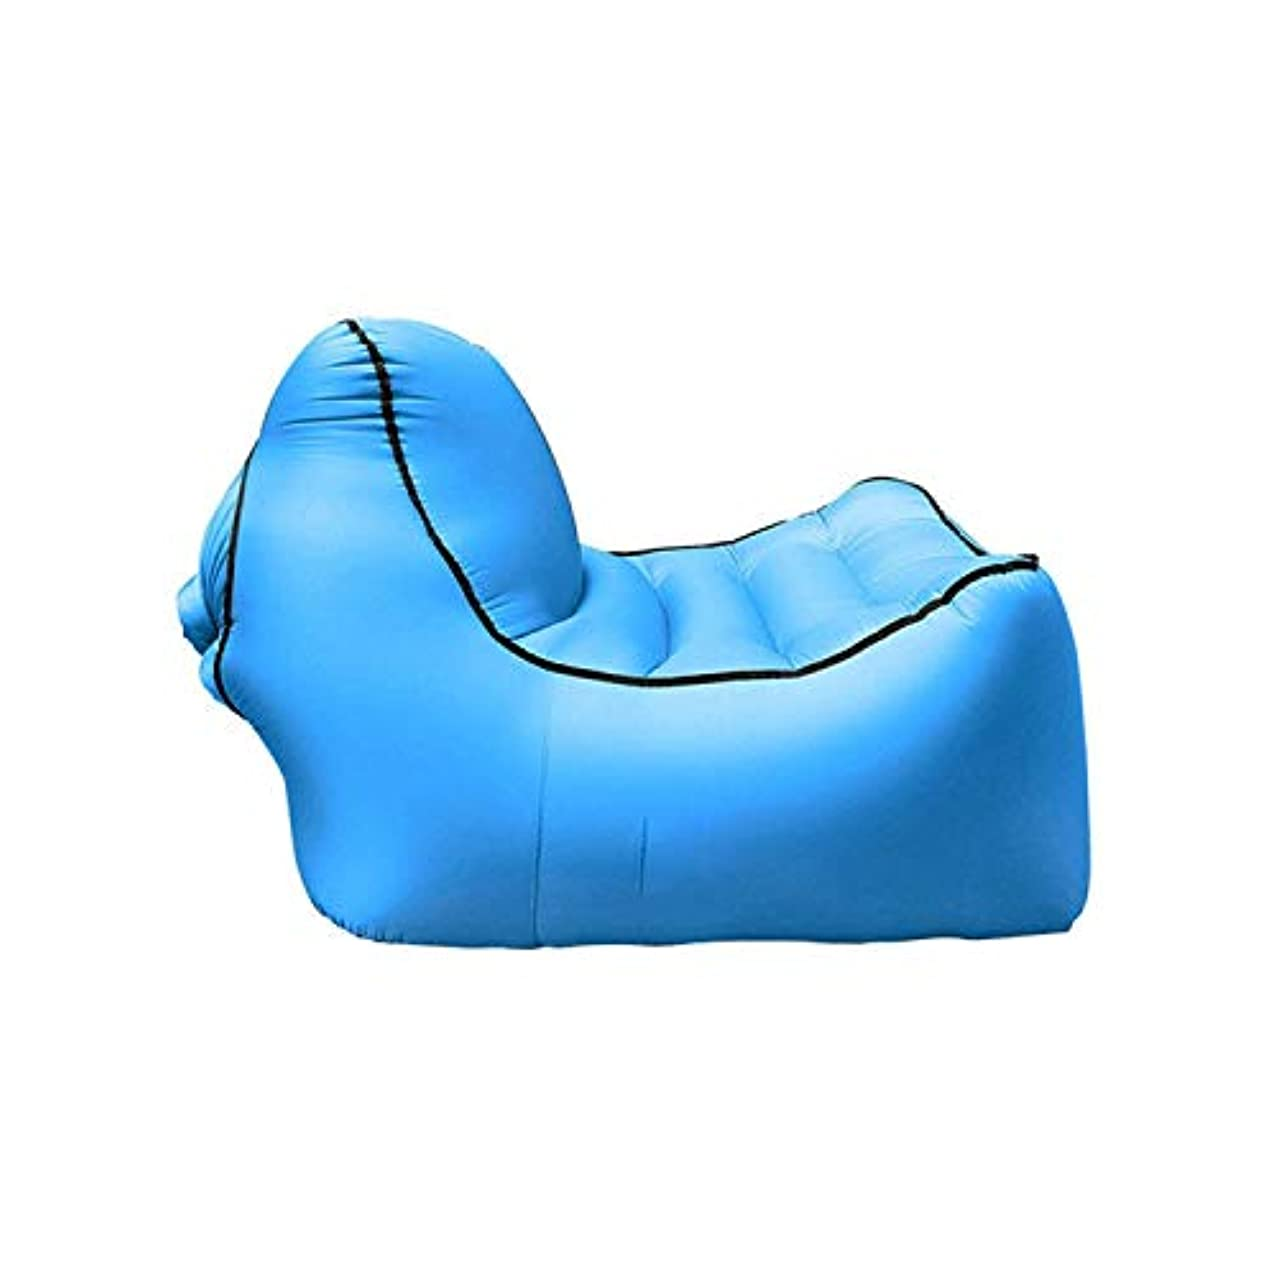 付ける変動する教育者膨脹可能な空気椅子のラウンジャーはポンプを必要としなかった10秒で膨脹させる携帯用軽量の非常に耐久の祝祭浜屋外の防水プールで完成しなさい (色 : 青)